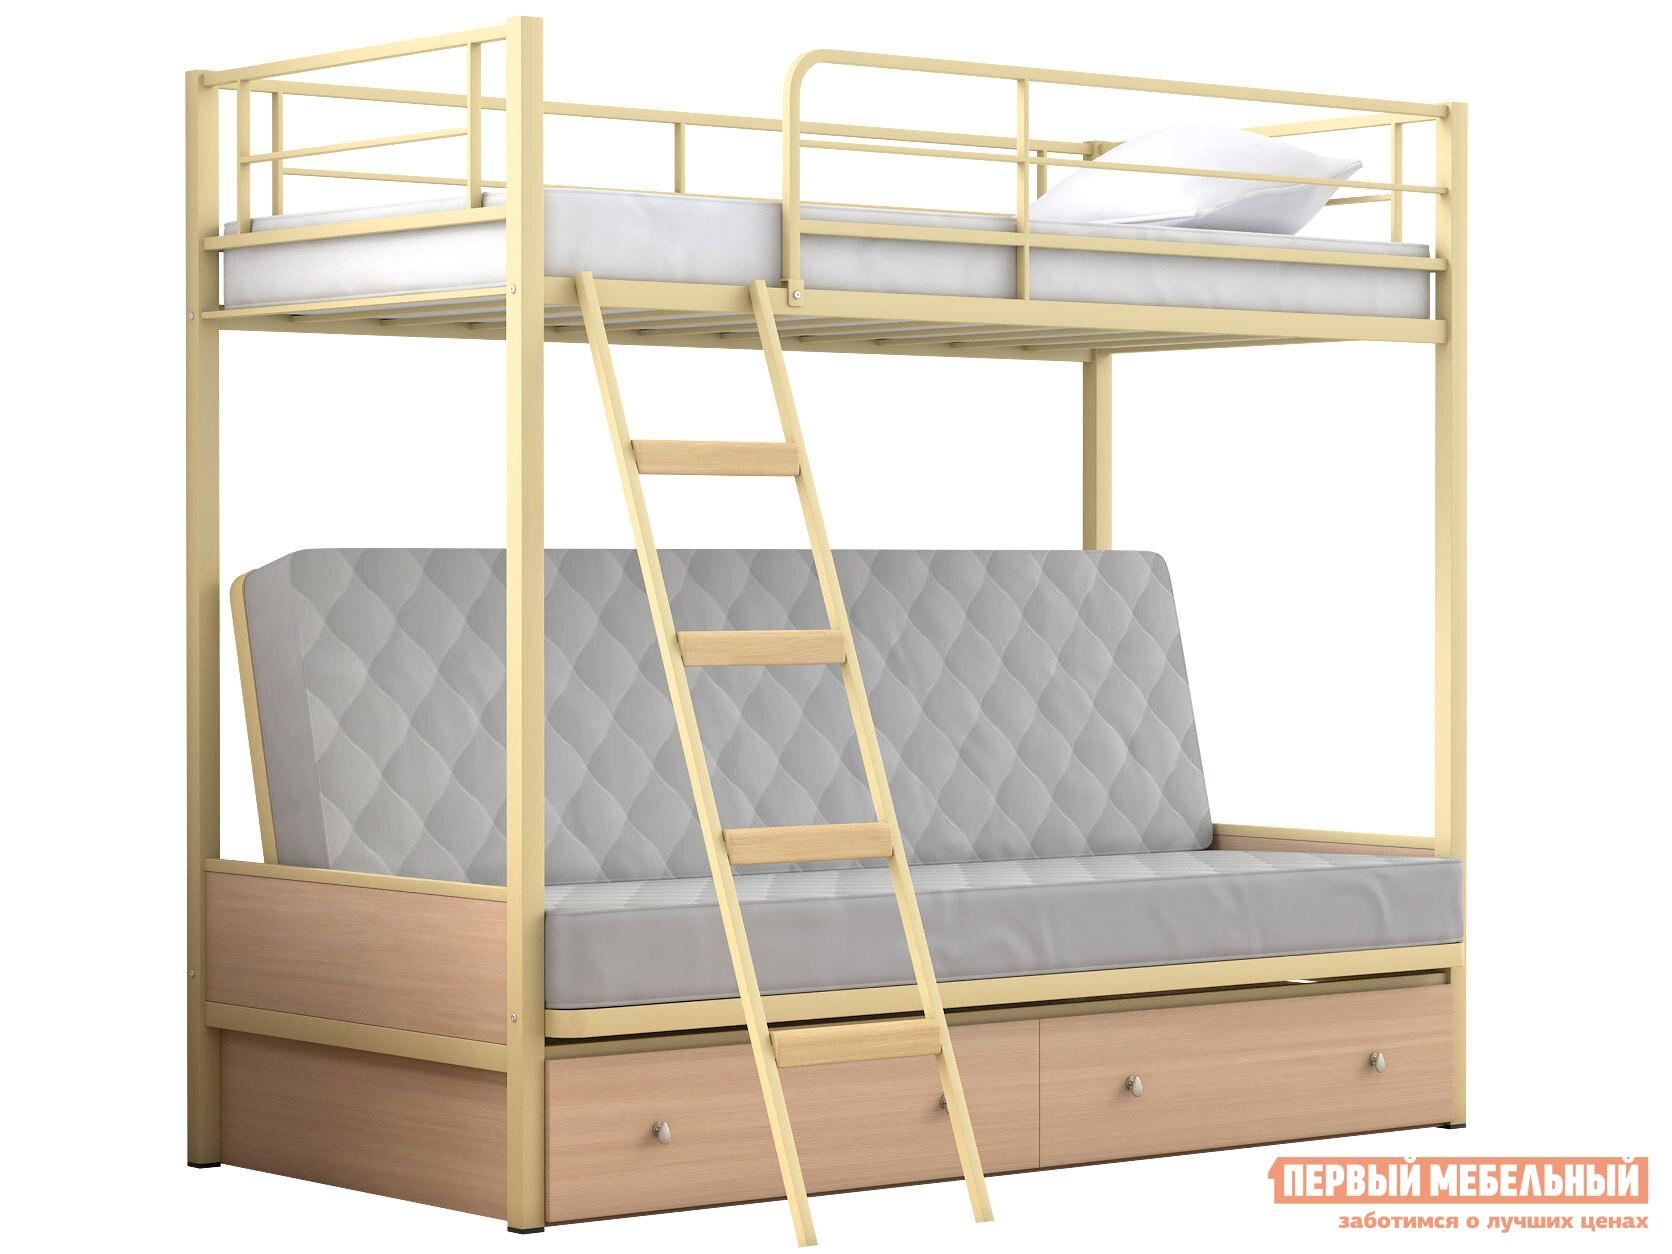 Кровать-чердак МФ 4 Сезона Двухъярусная детская кровать Дакар 2 с ящиками